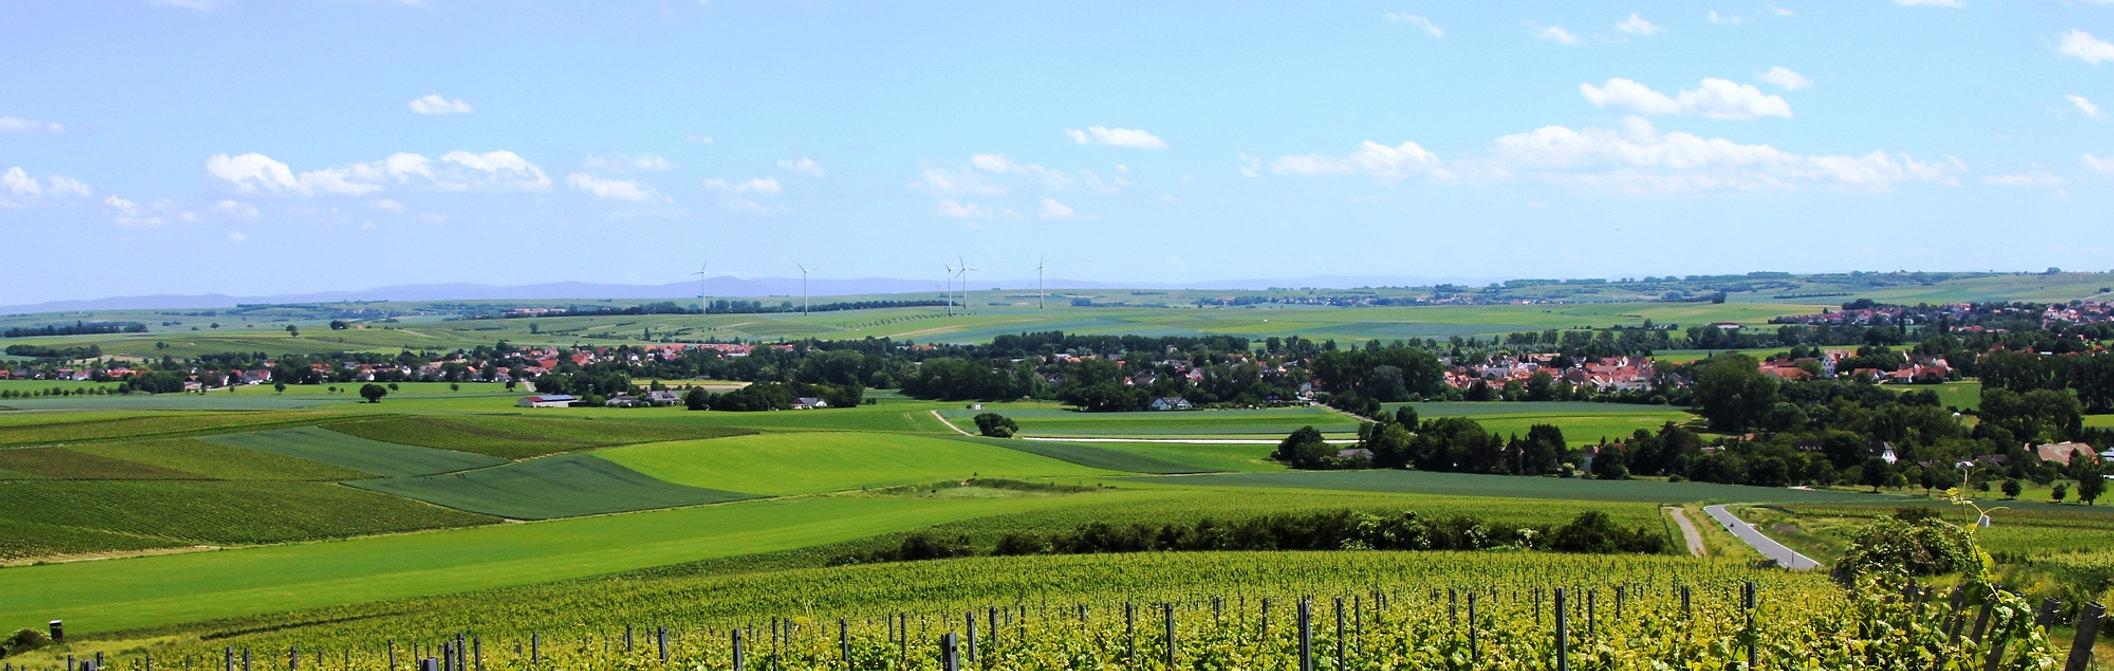 Hahnheim Panorama.jpg